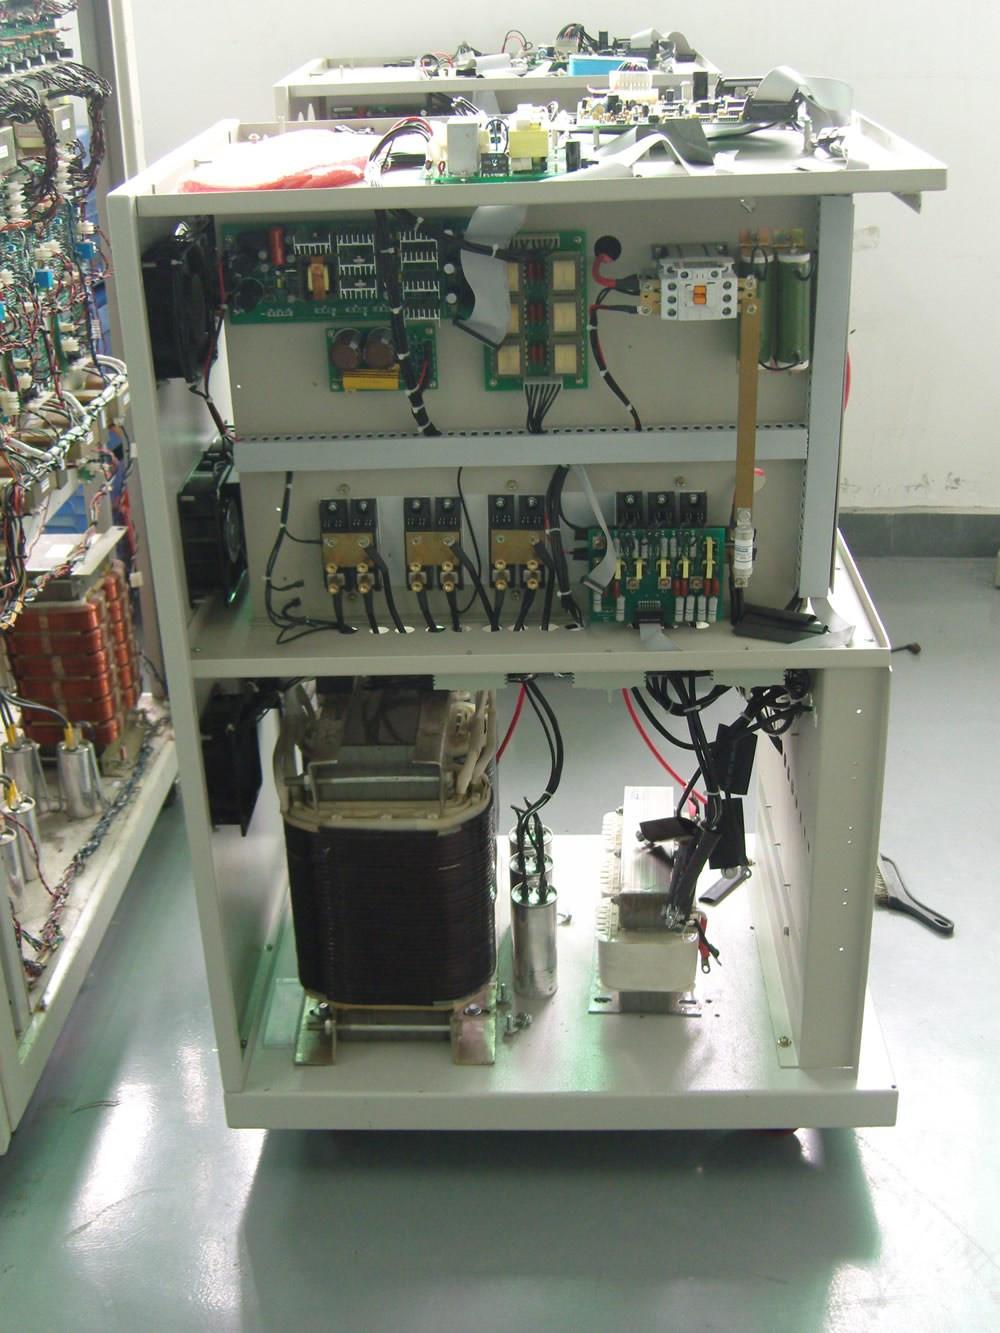 Bosin 照明用 ups不间断电源120KW蓄电池